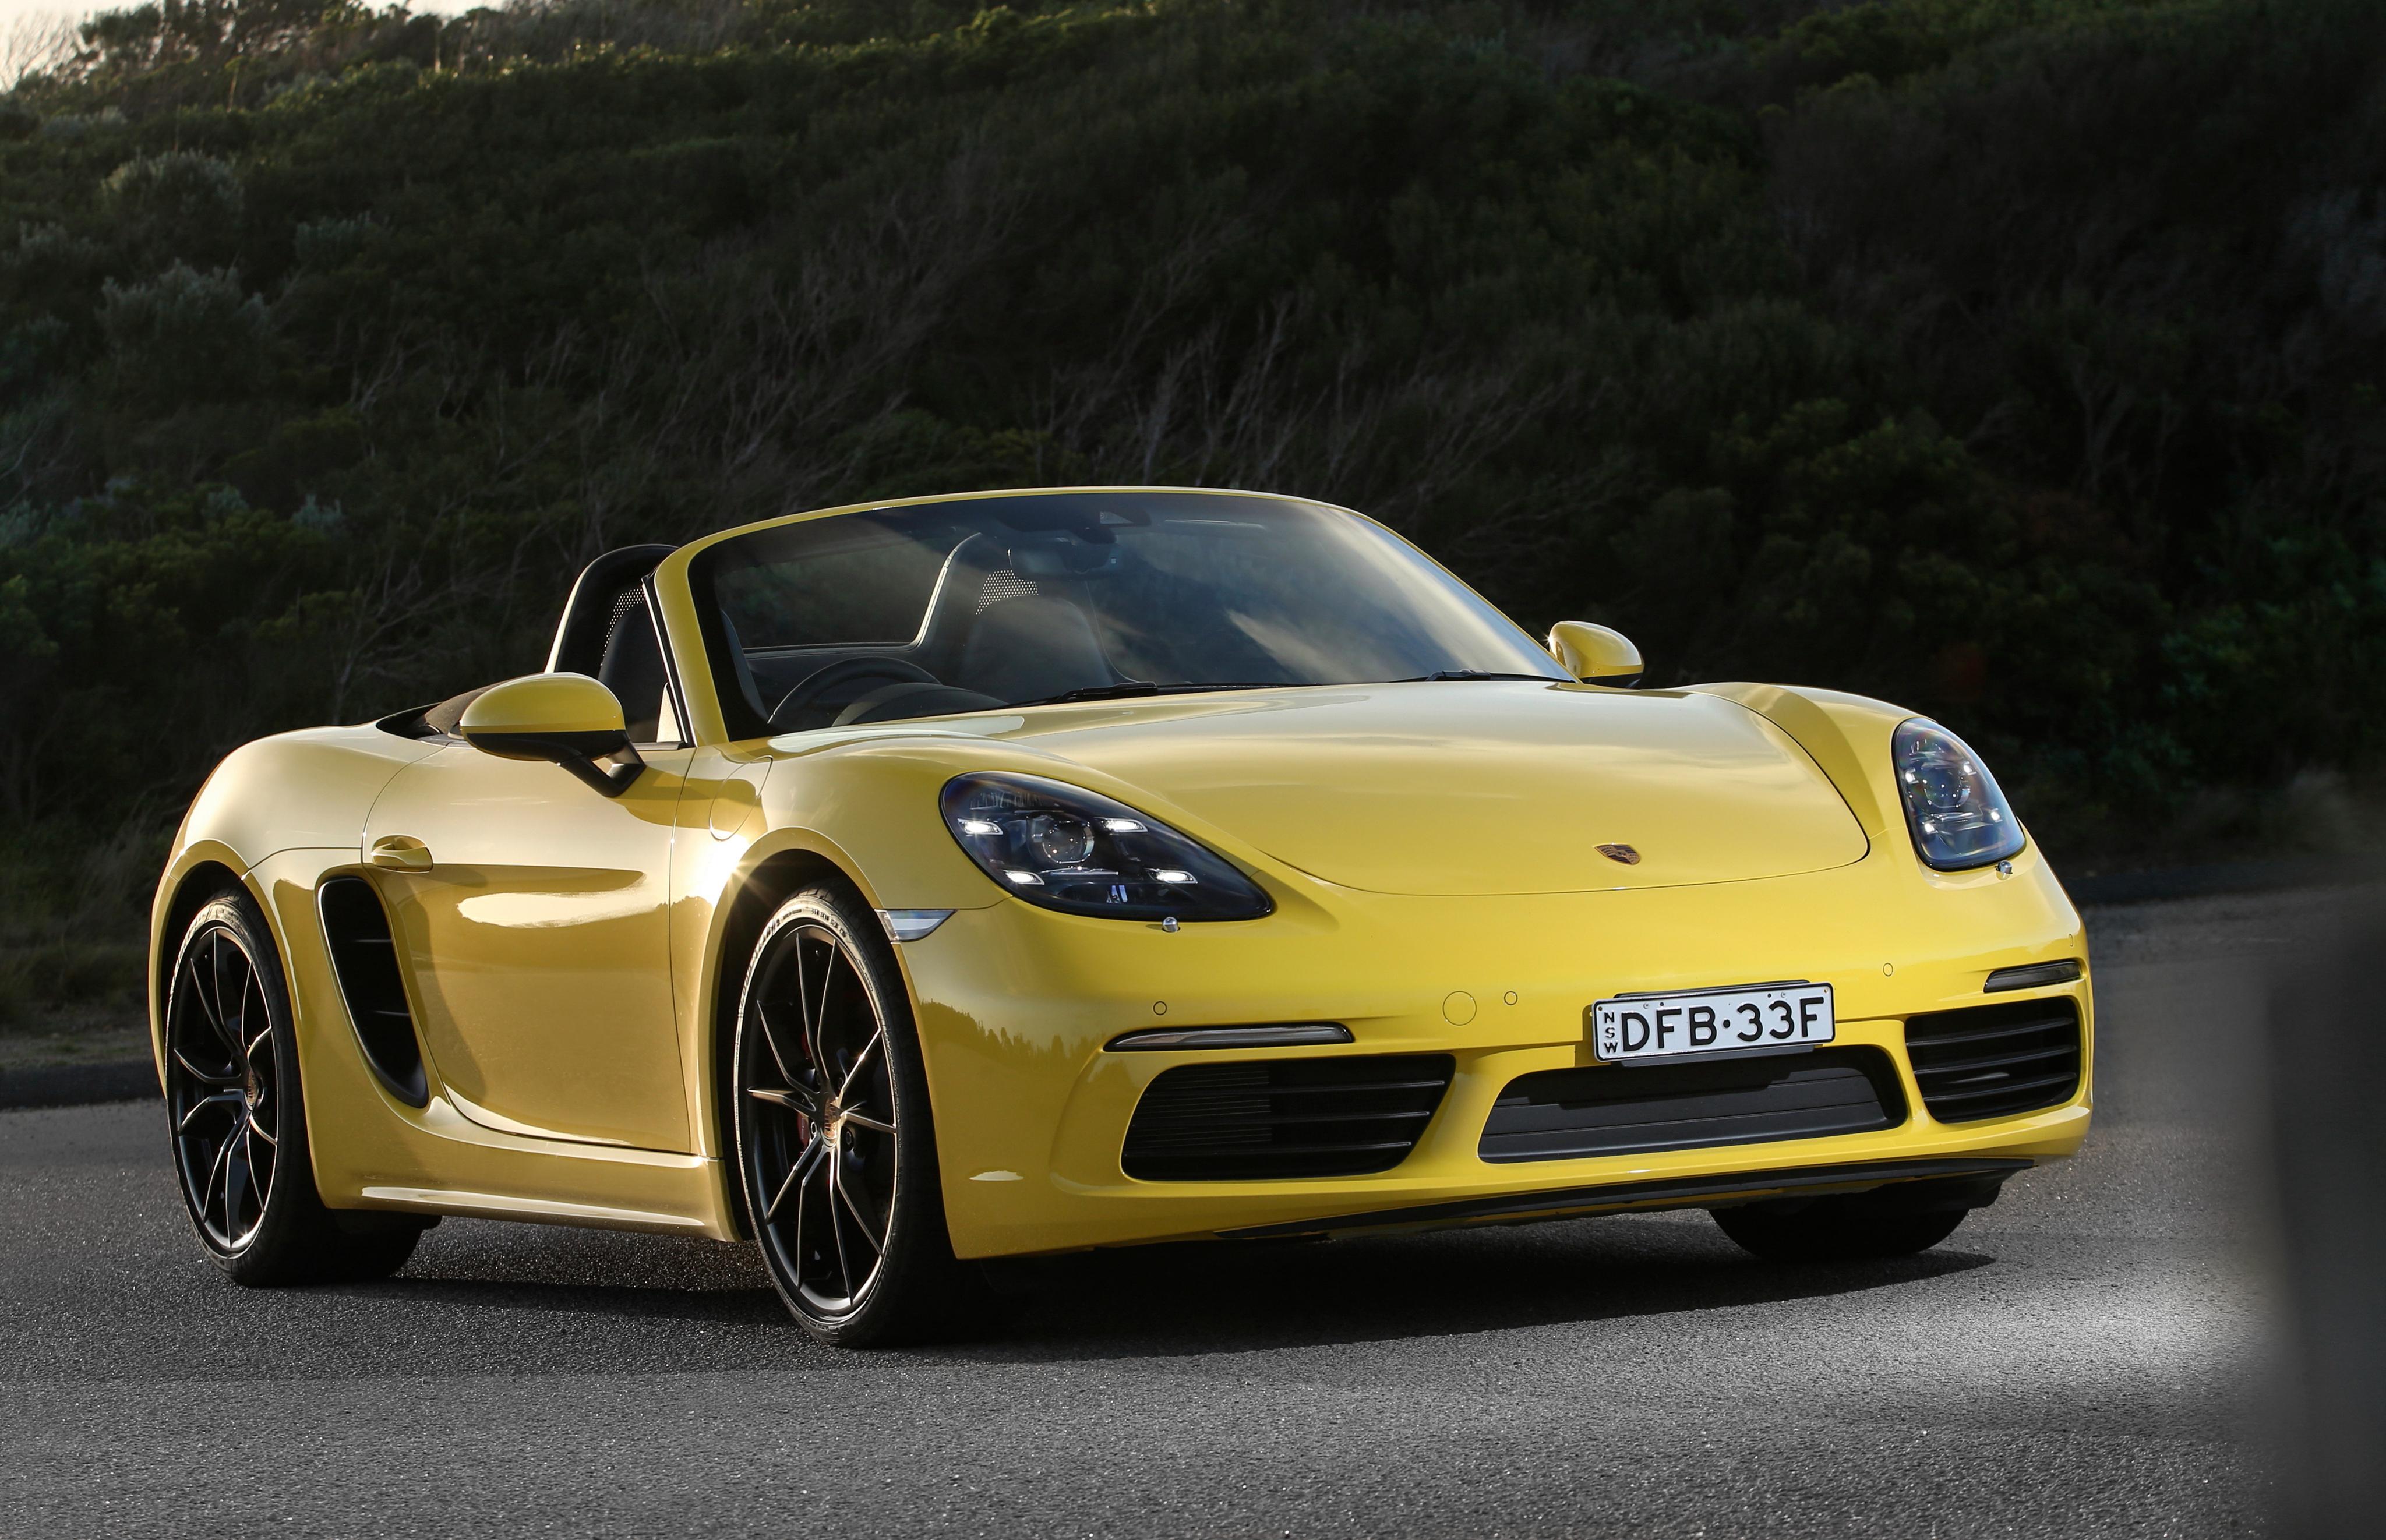 car vehicle yellow Porsche sports car coupe Convertible performance car Porsche Boxster Porsche Cayman wheel supercar